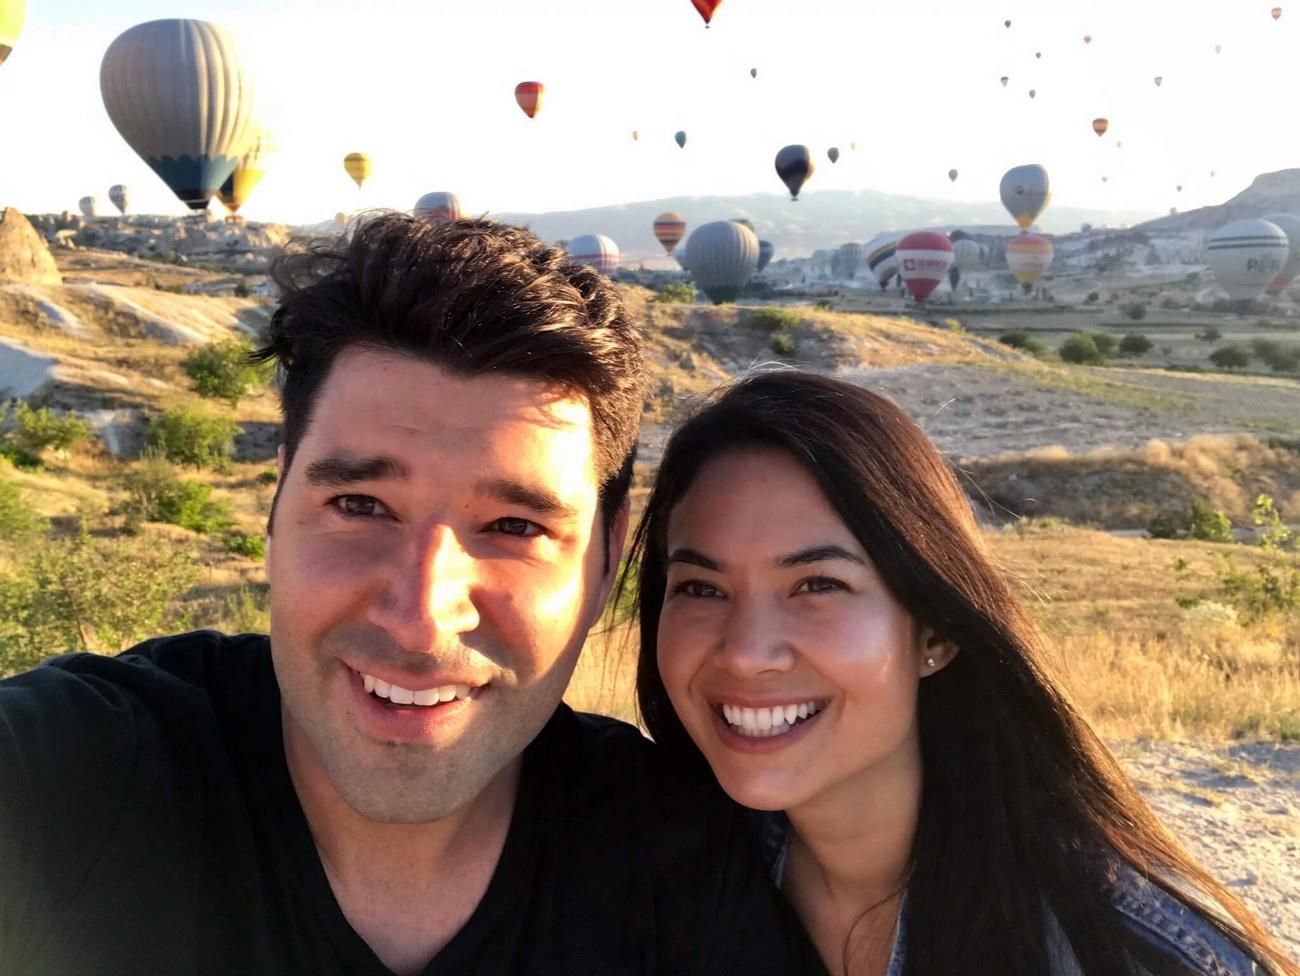 """Câu chuyện của nhà sáng lập Melanie Perkins và hành trình đưa Canva trở thành """"start-up tỷ đô"""""""